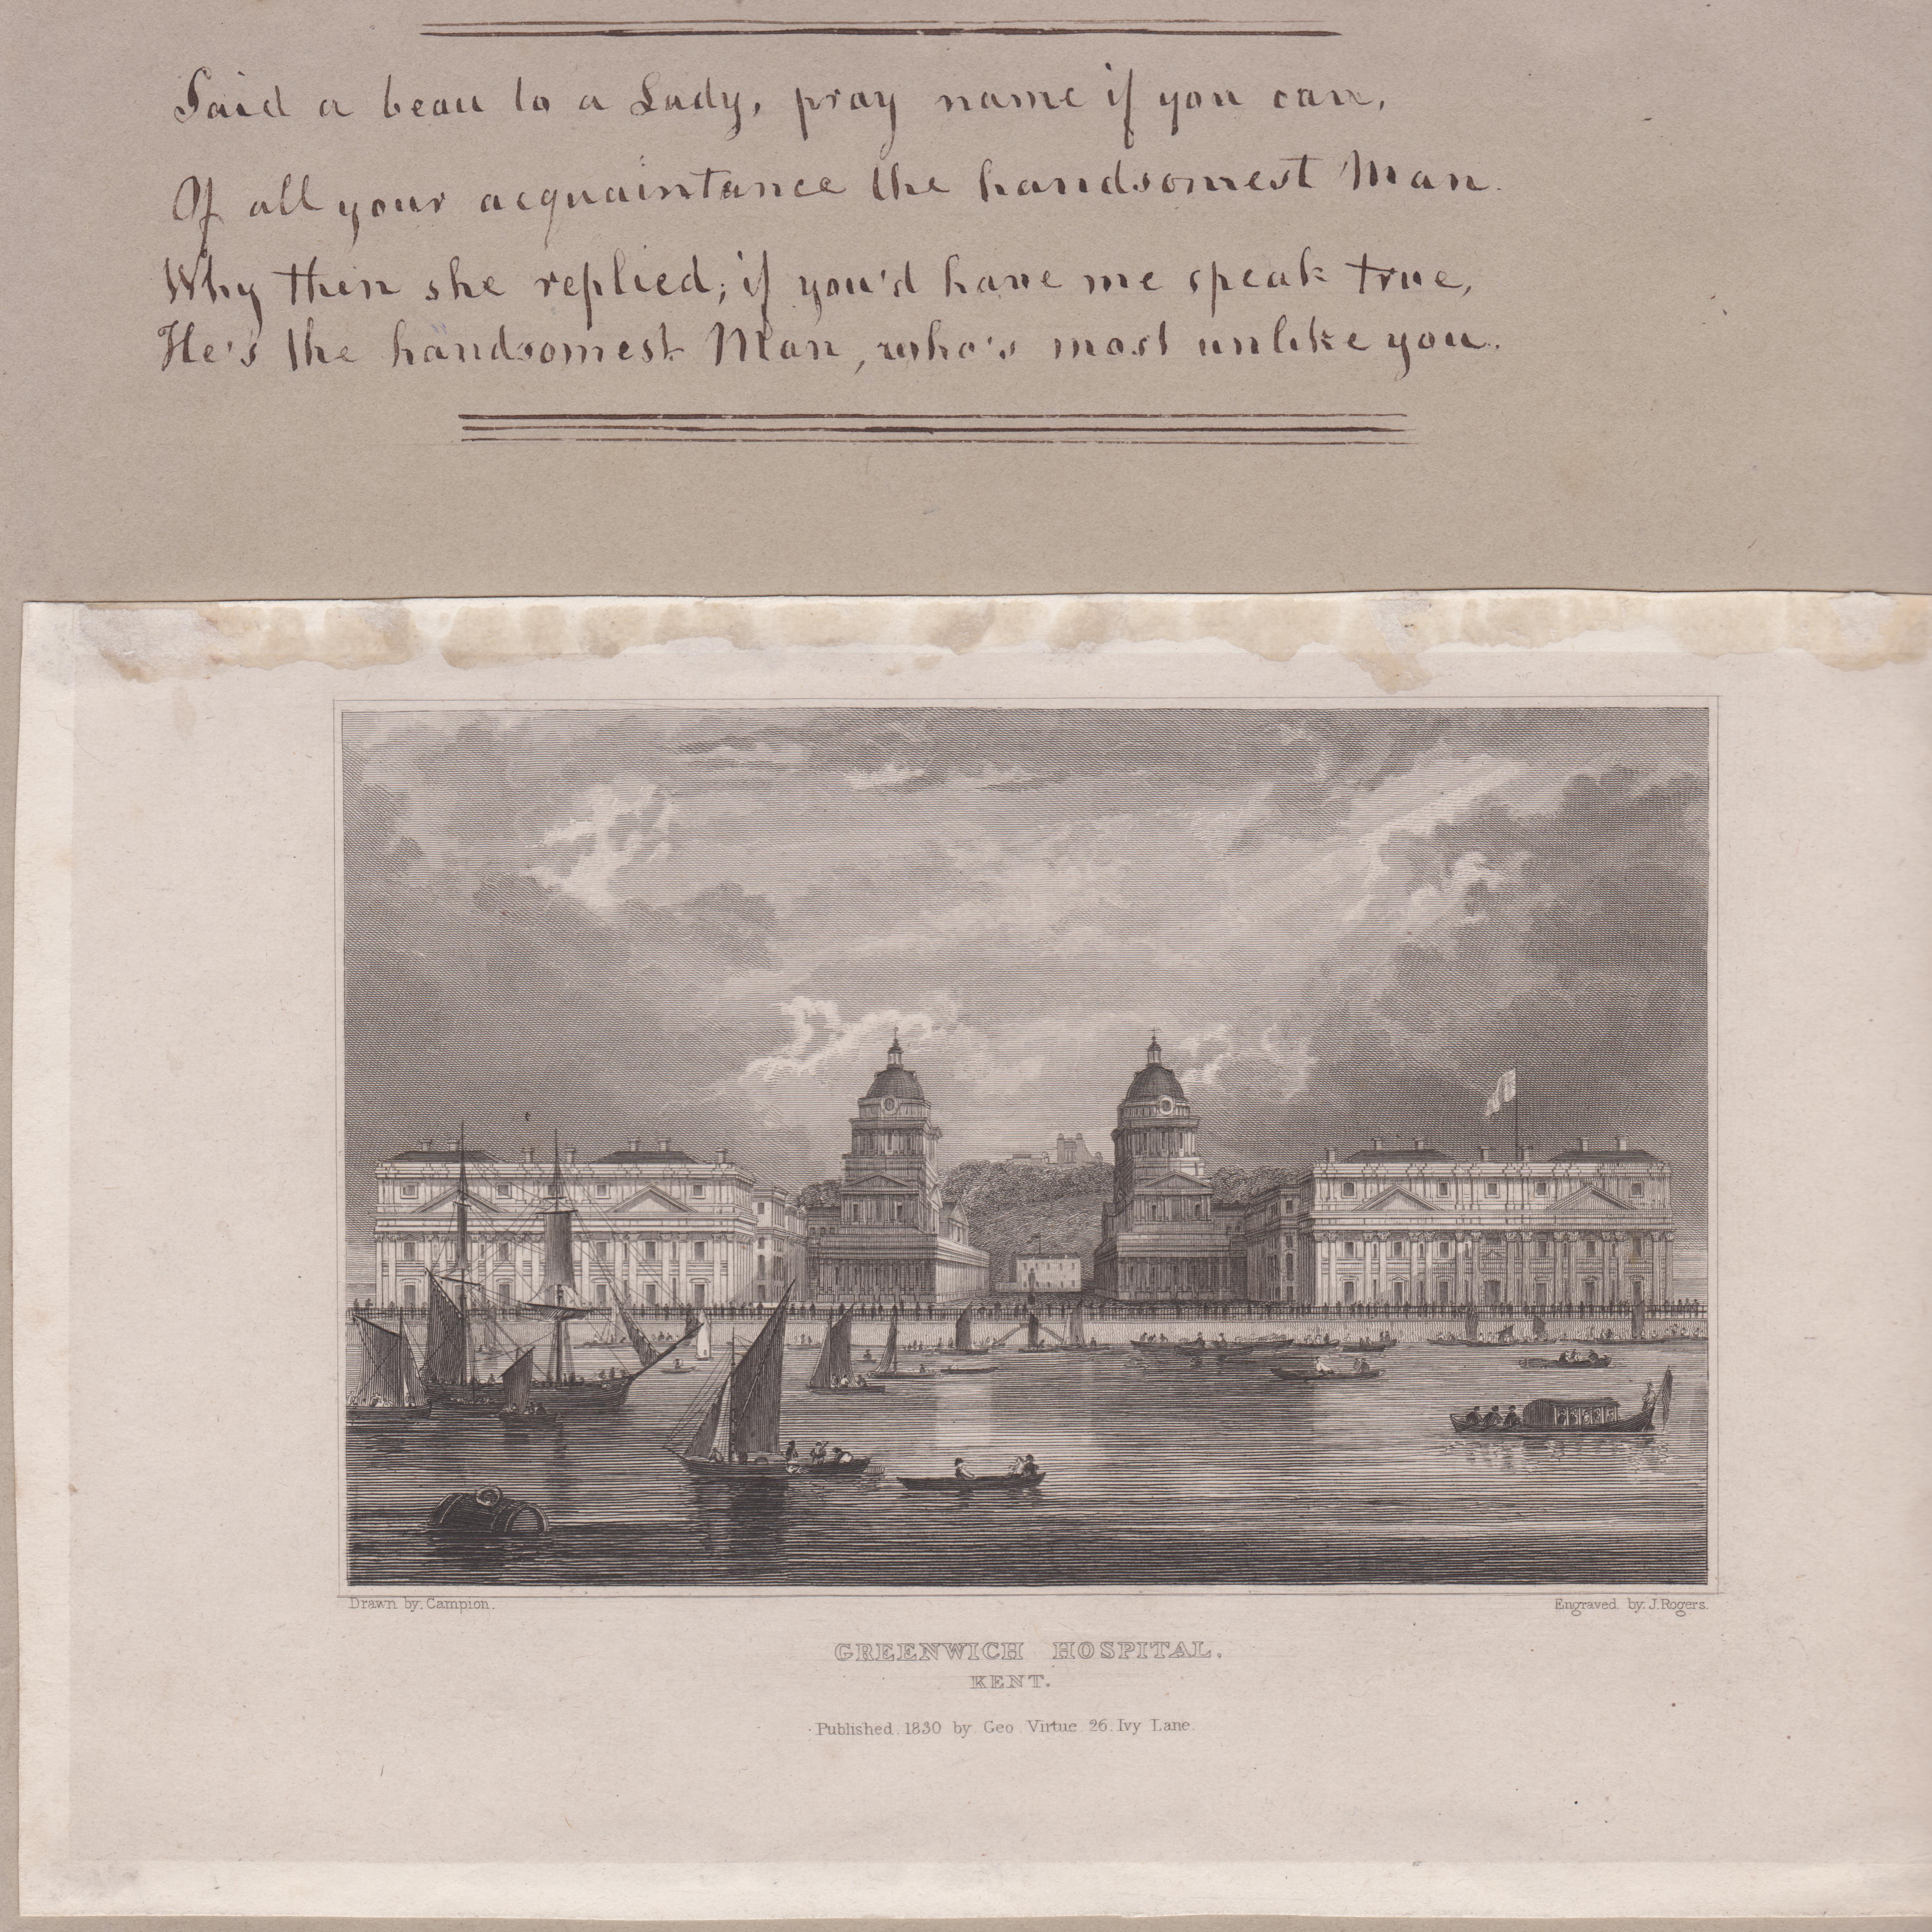 Greenwich Hospital 1830